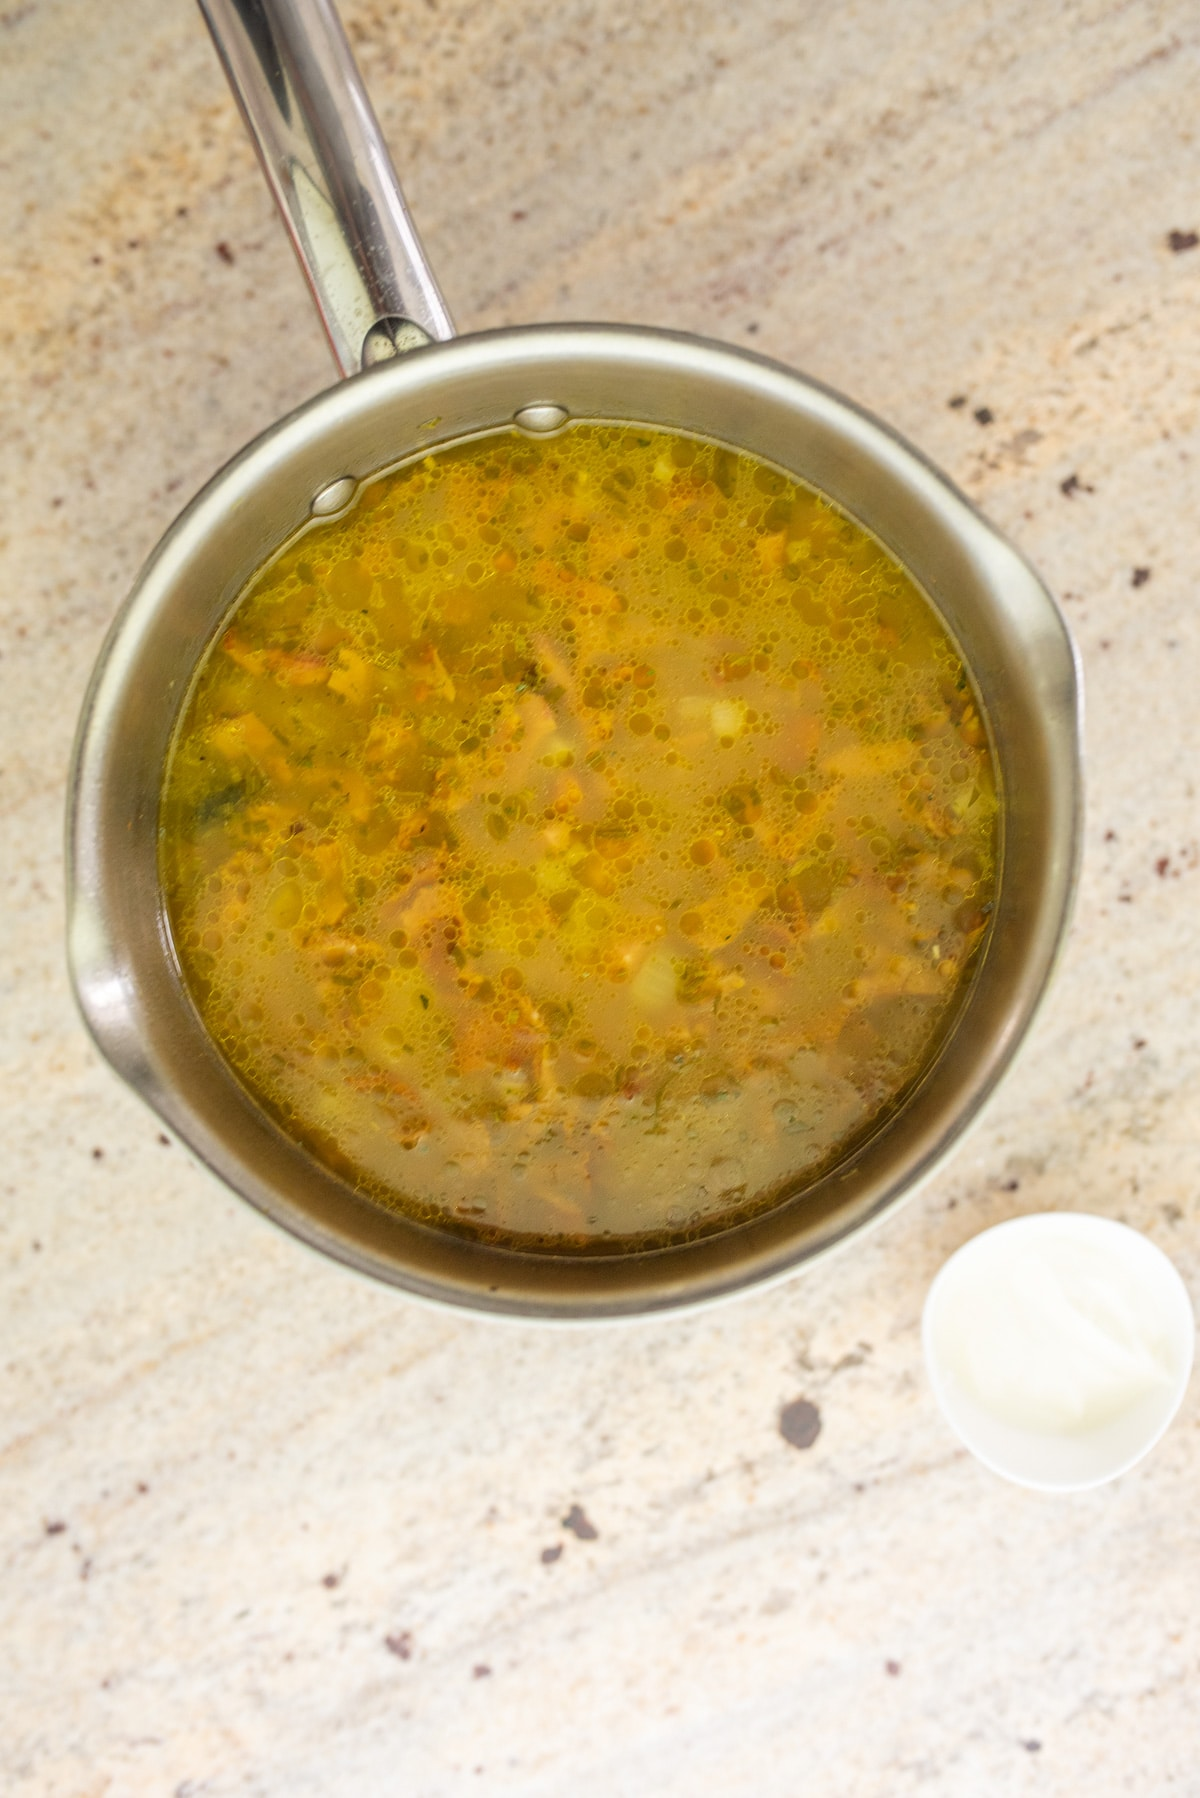 zupa w garnku obok śmietana